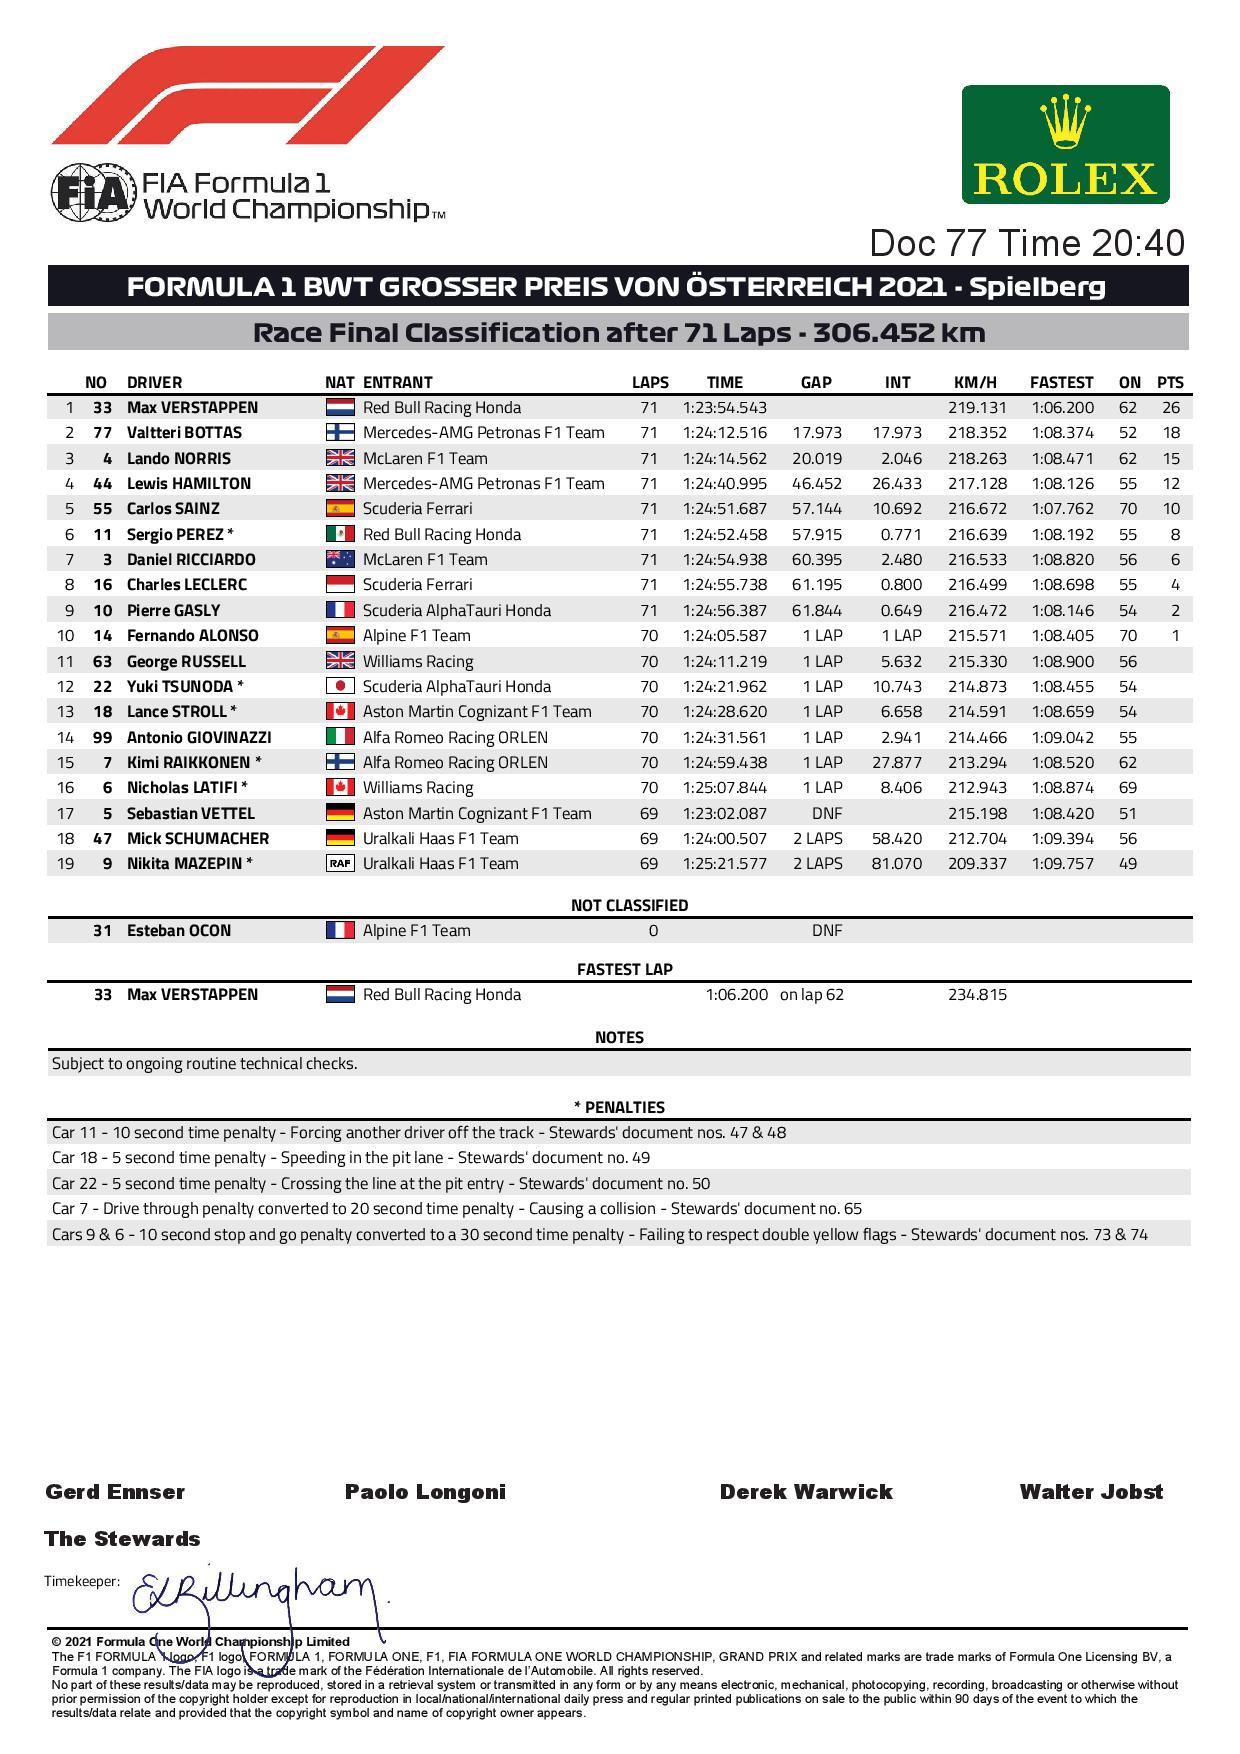 F1 - Les résultats définitifs du Grand Prix d'Autriche 2021